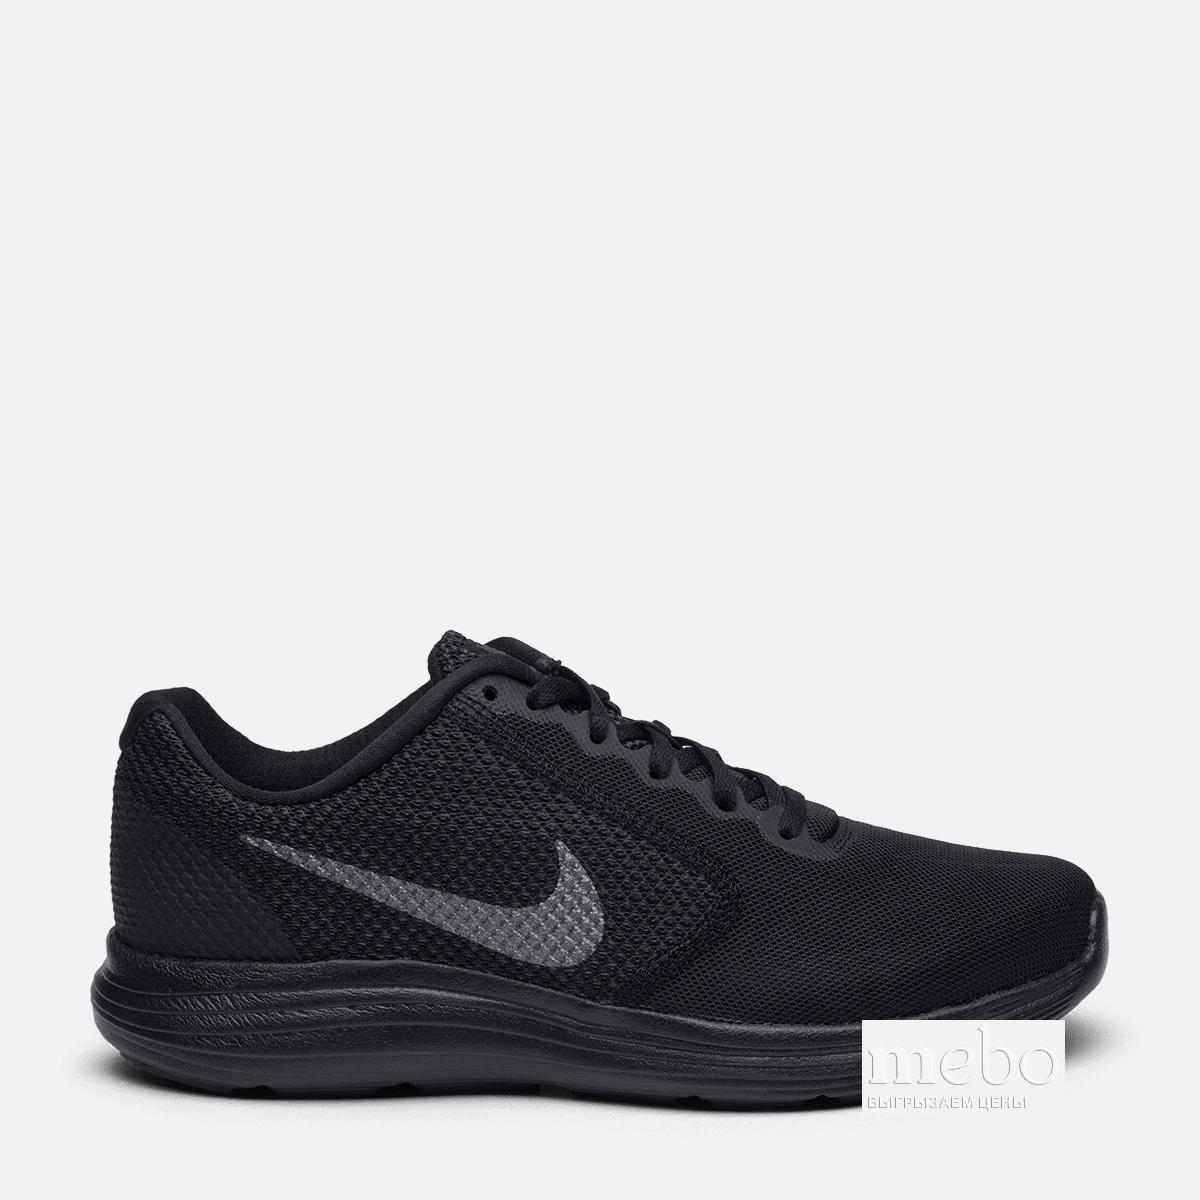 Кроссовки Nike Revolution 3 819300-012  купить обувь в Украине по ... 248d95522ac